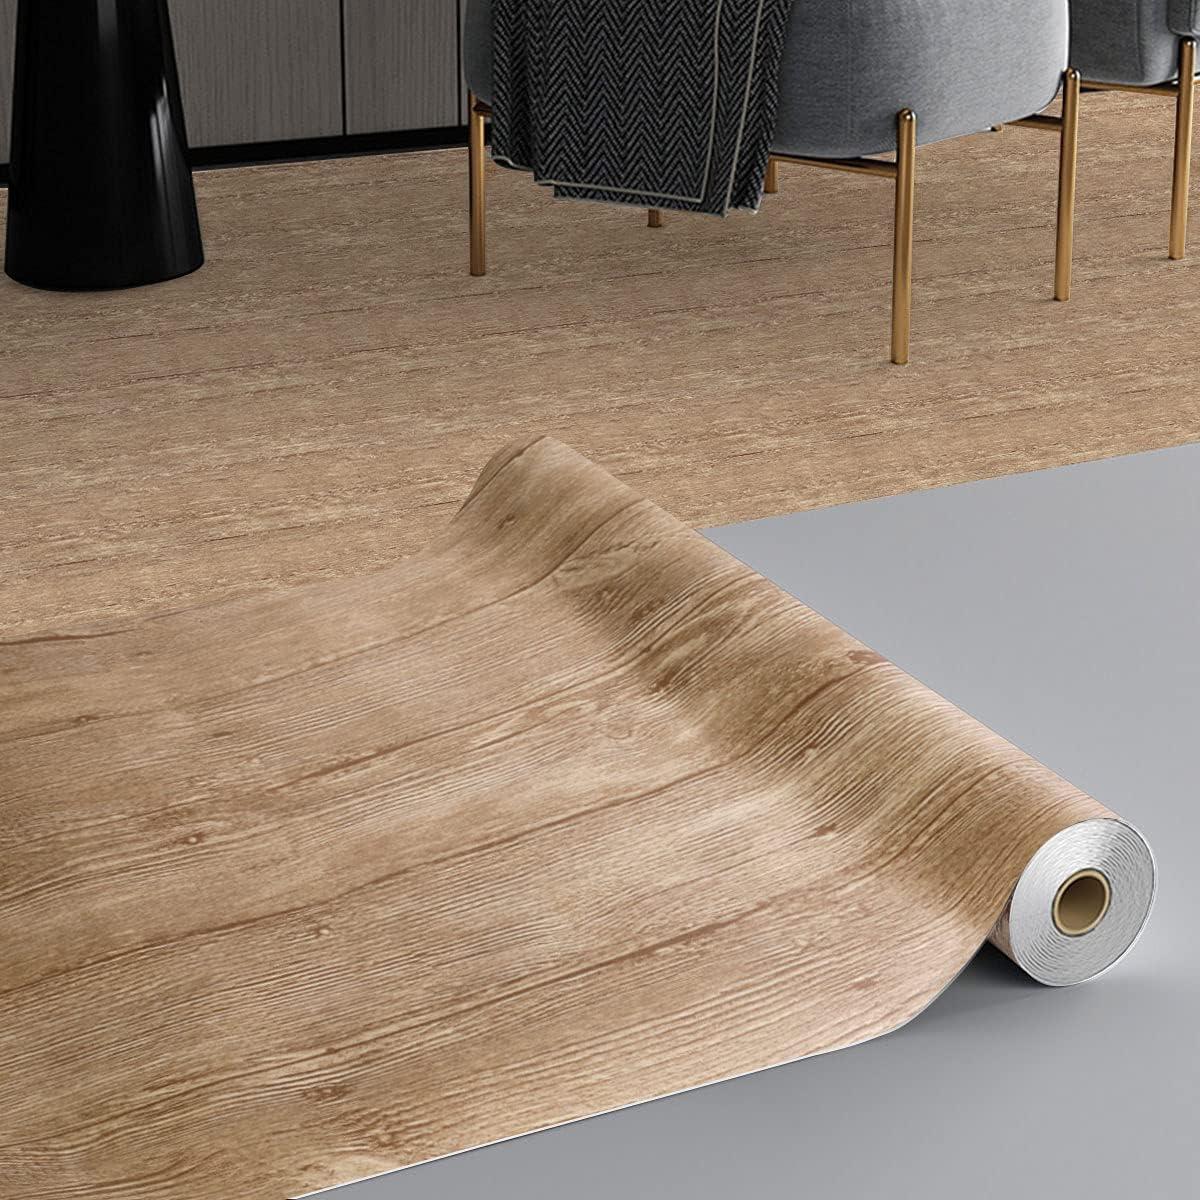 KINLO Revestimiento de suelo de PVC Baldosas autoadhesivas Suelo de vinilo resistente a la abrasión 3㎡ / rollo Película adhesiva aspecto baldosas, mate Lámina decorativa adhesiva (60x500 cm)